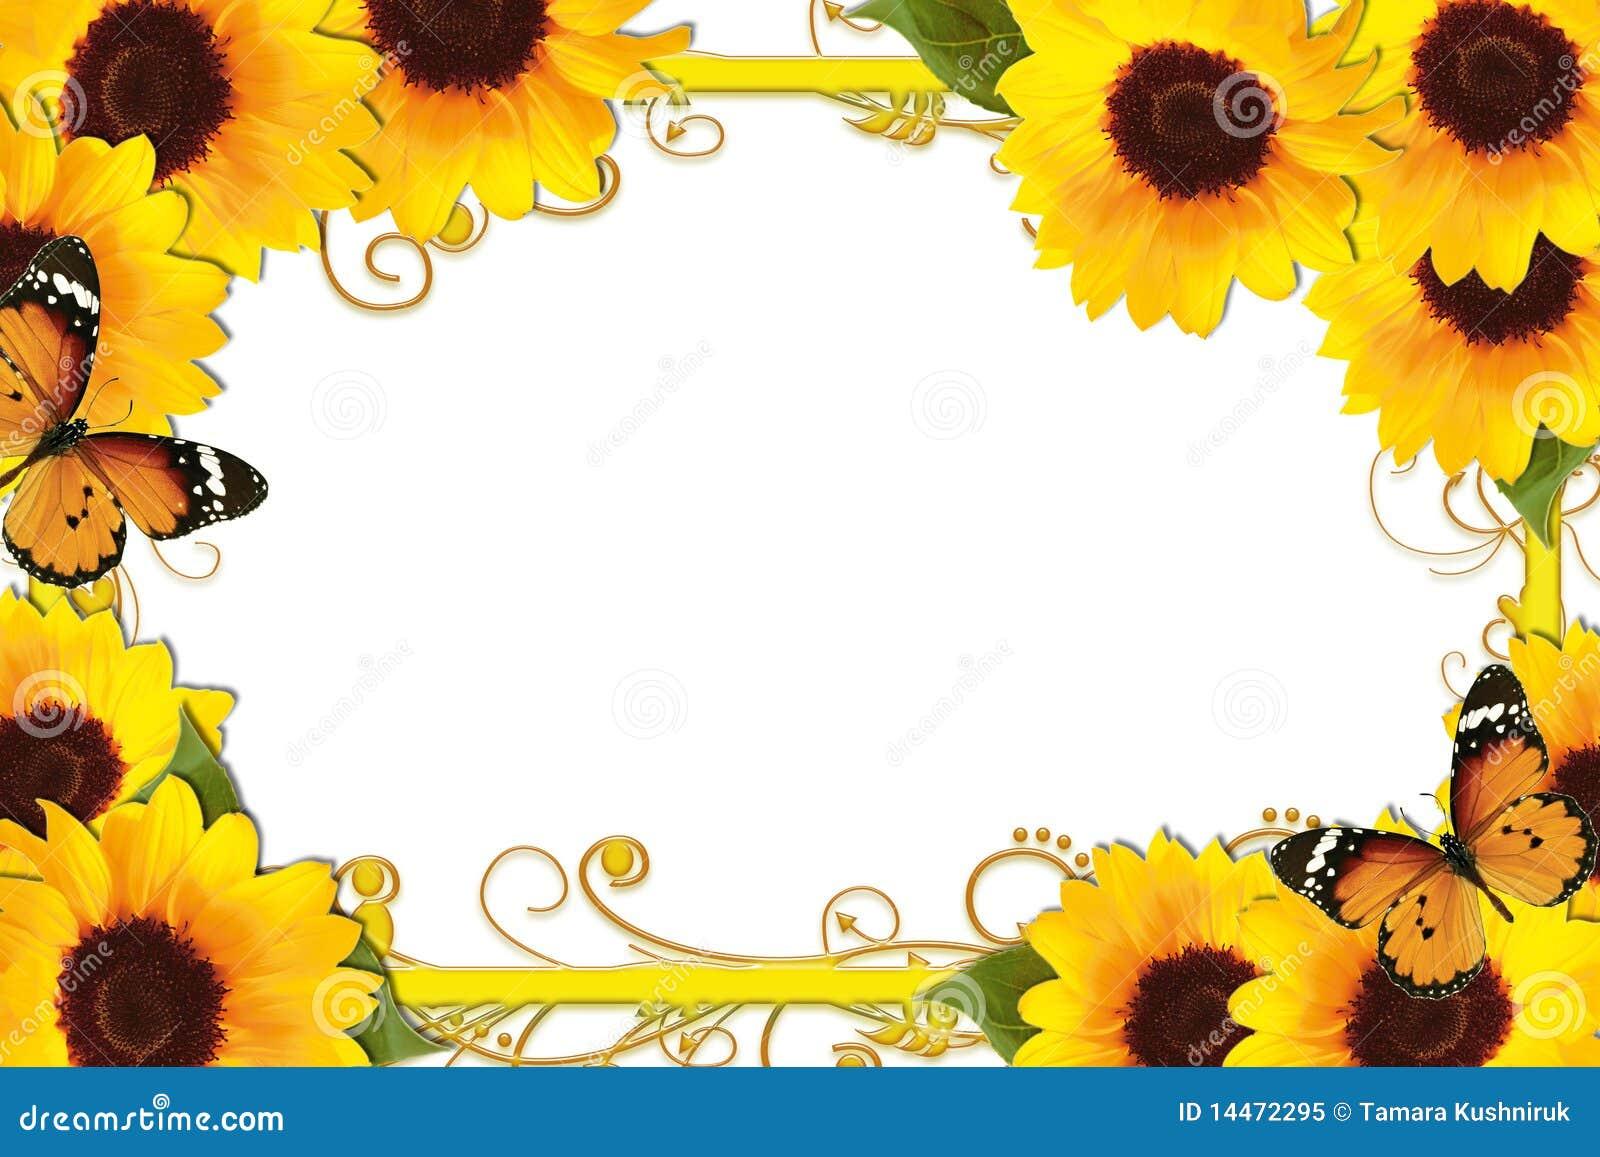 Royalty Free Stock Photo: Sunflower Border. Image: 14472295